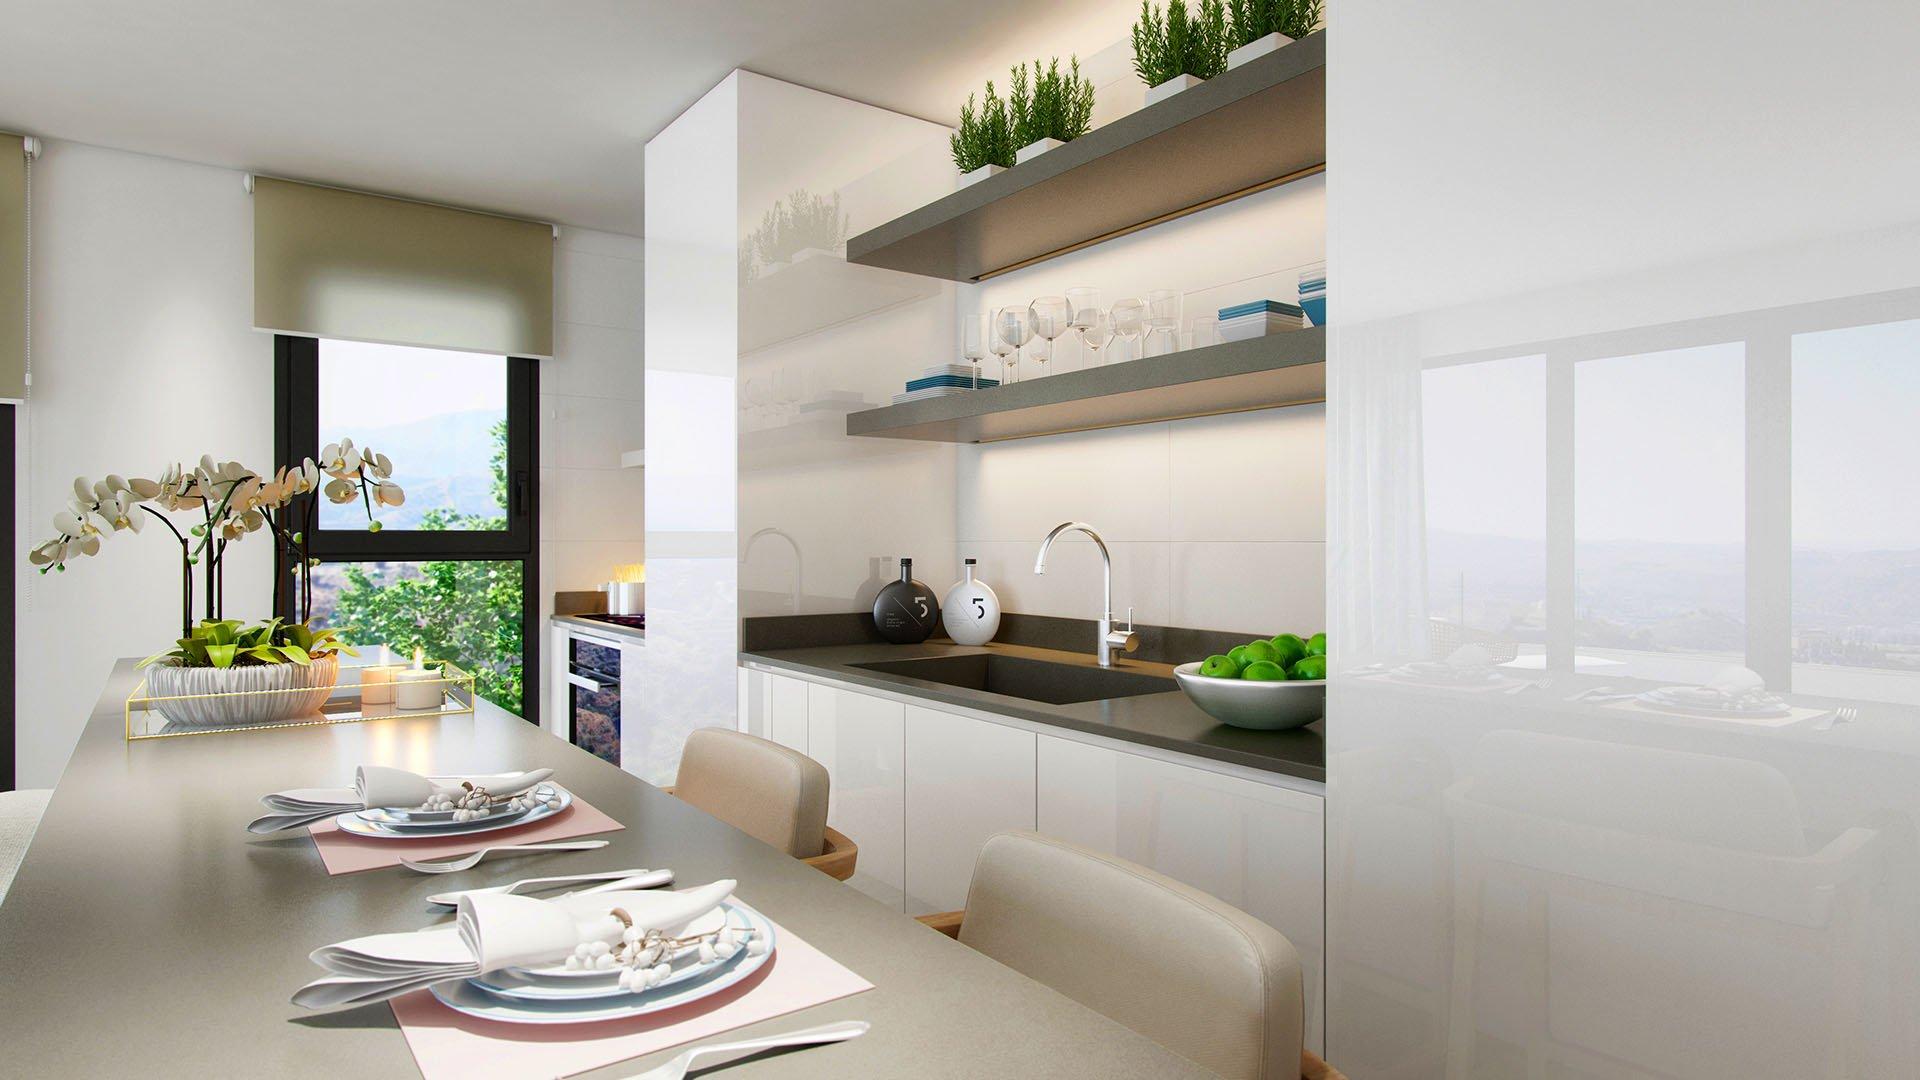 Vista by Quabit: Appartementen en Penthouses in een zeer rustige natuurlijke omgeving